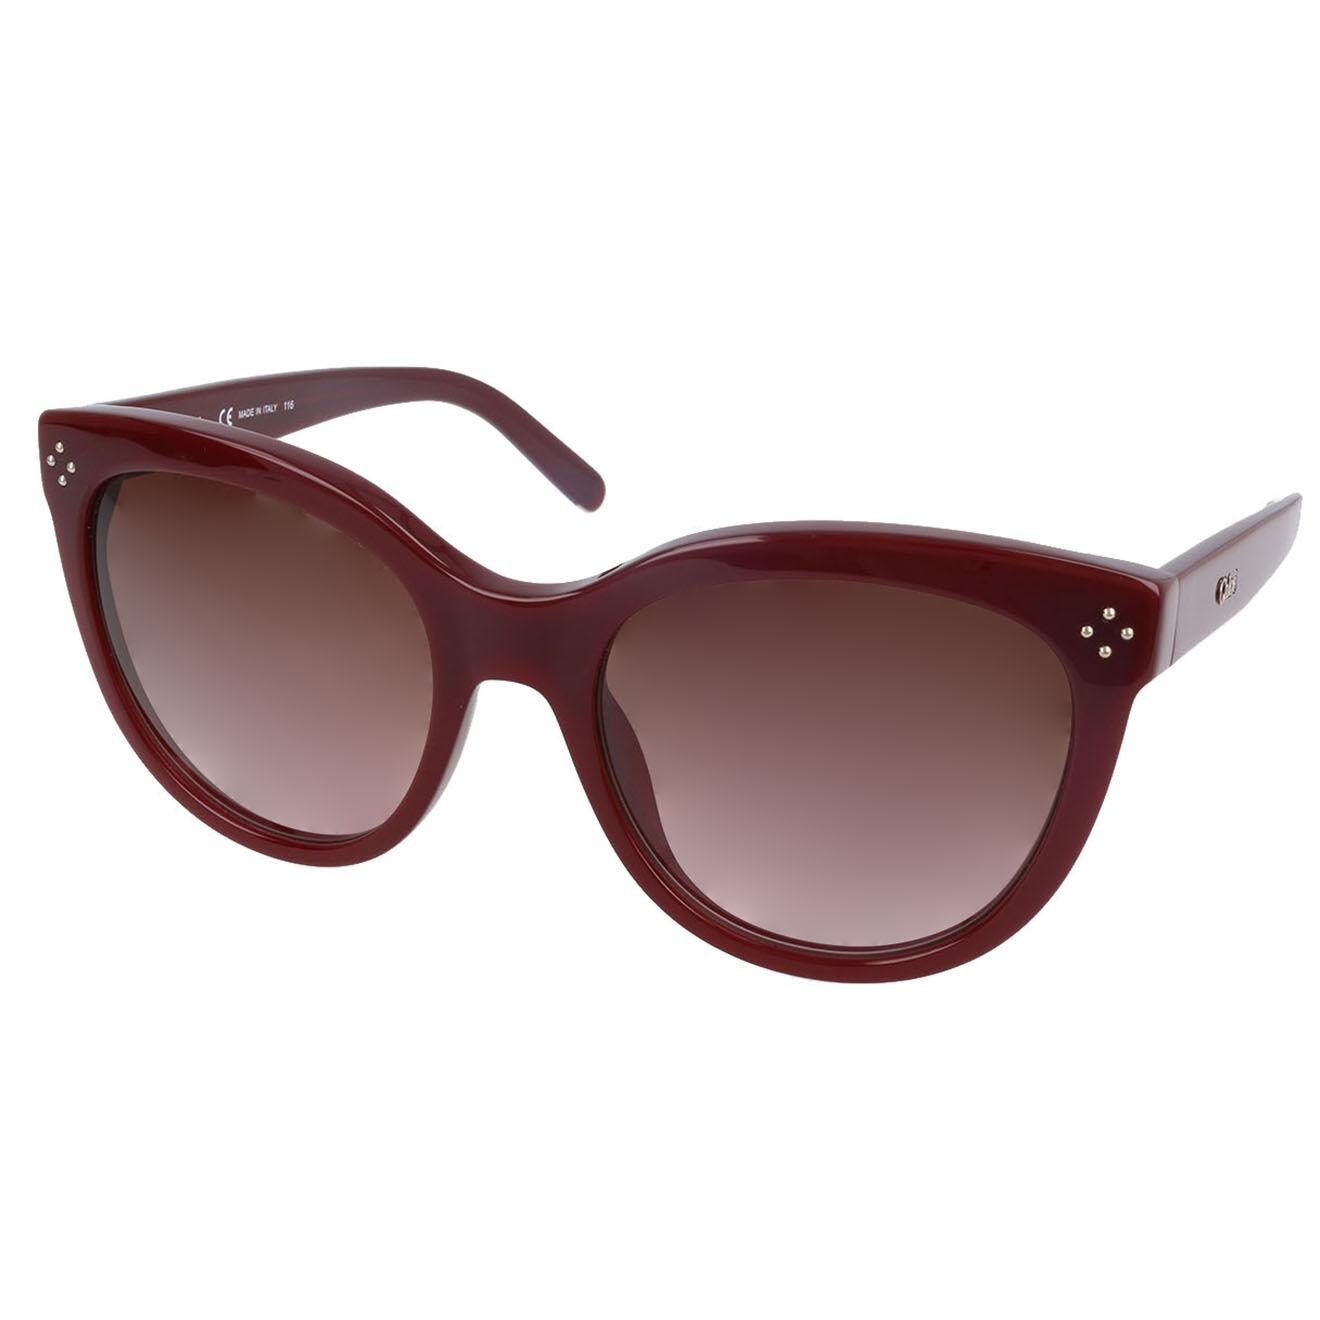 Chloé-femme-lunettes de soleil femme bordeaux-t.u